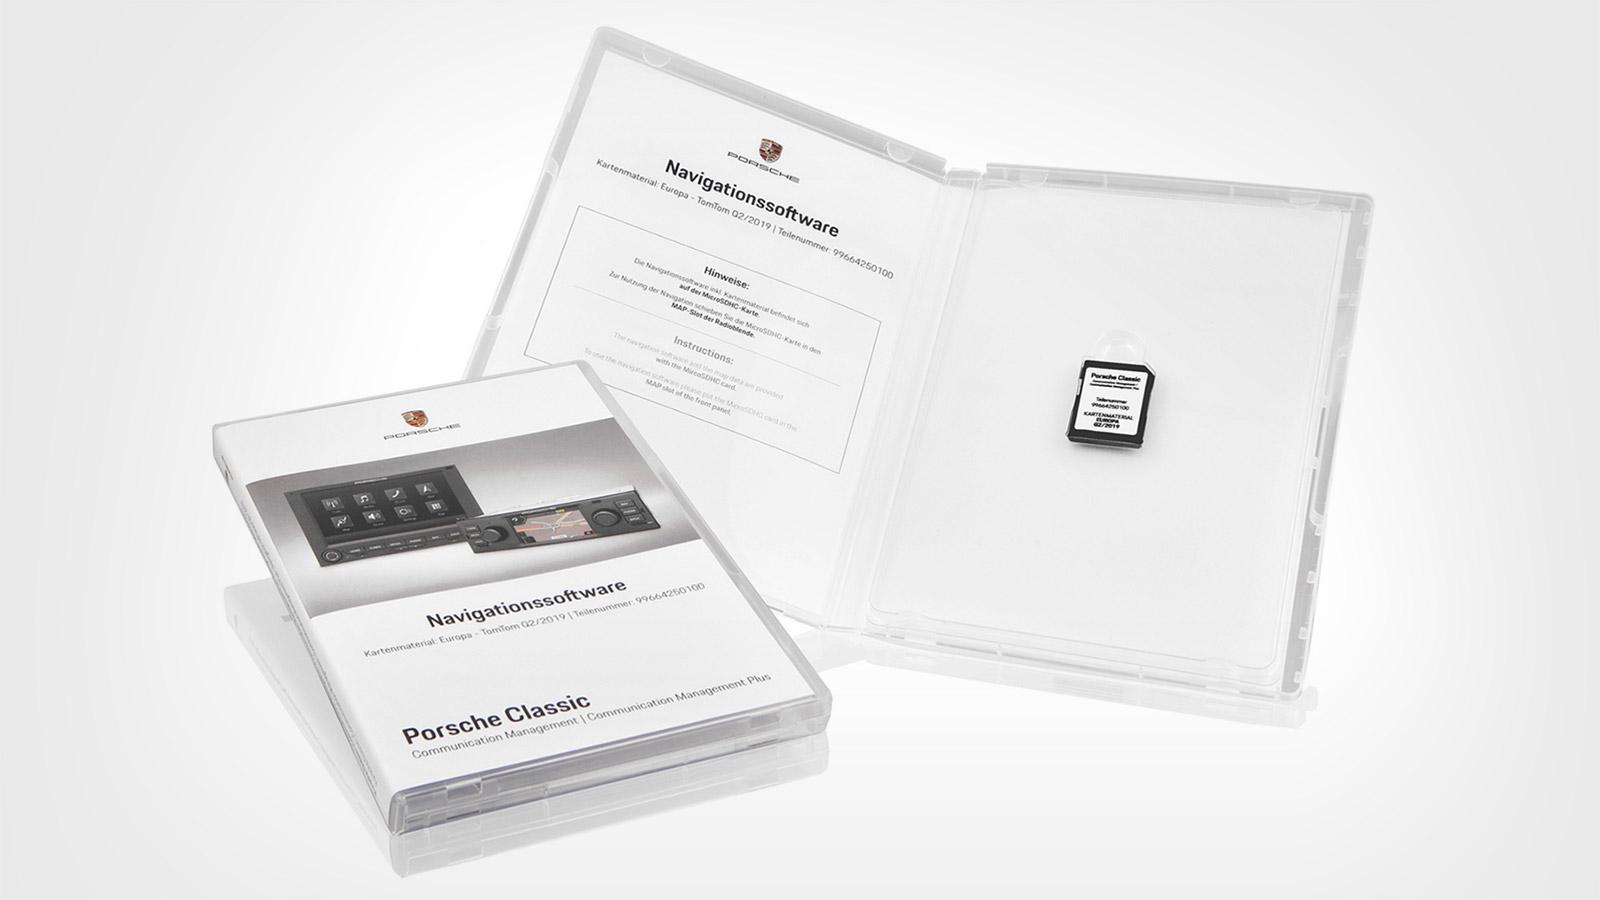 Porsche - Navigation software